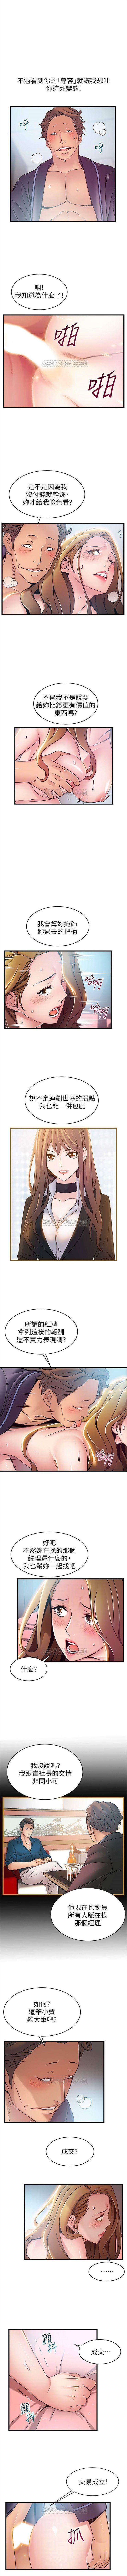 (周7)弱点 1-66 中文翻译(更新中) 360